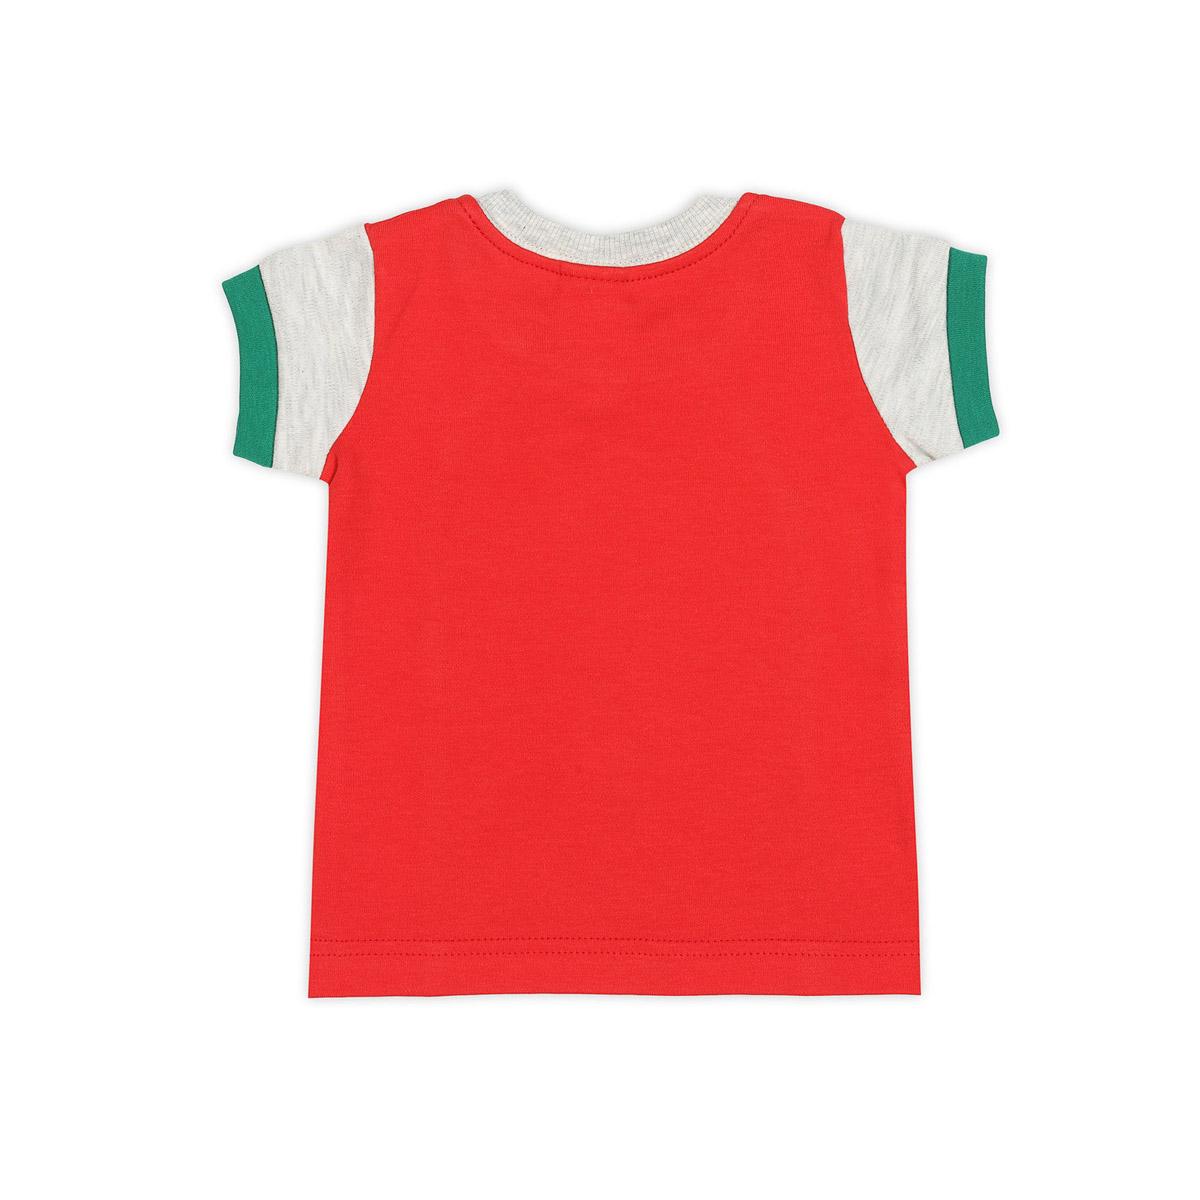 Футболка Ёмаё Хохлома (27-636) рост 74 светло серый меланж с красный